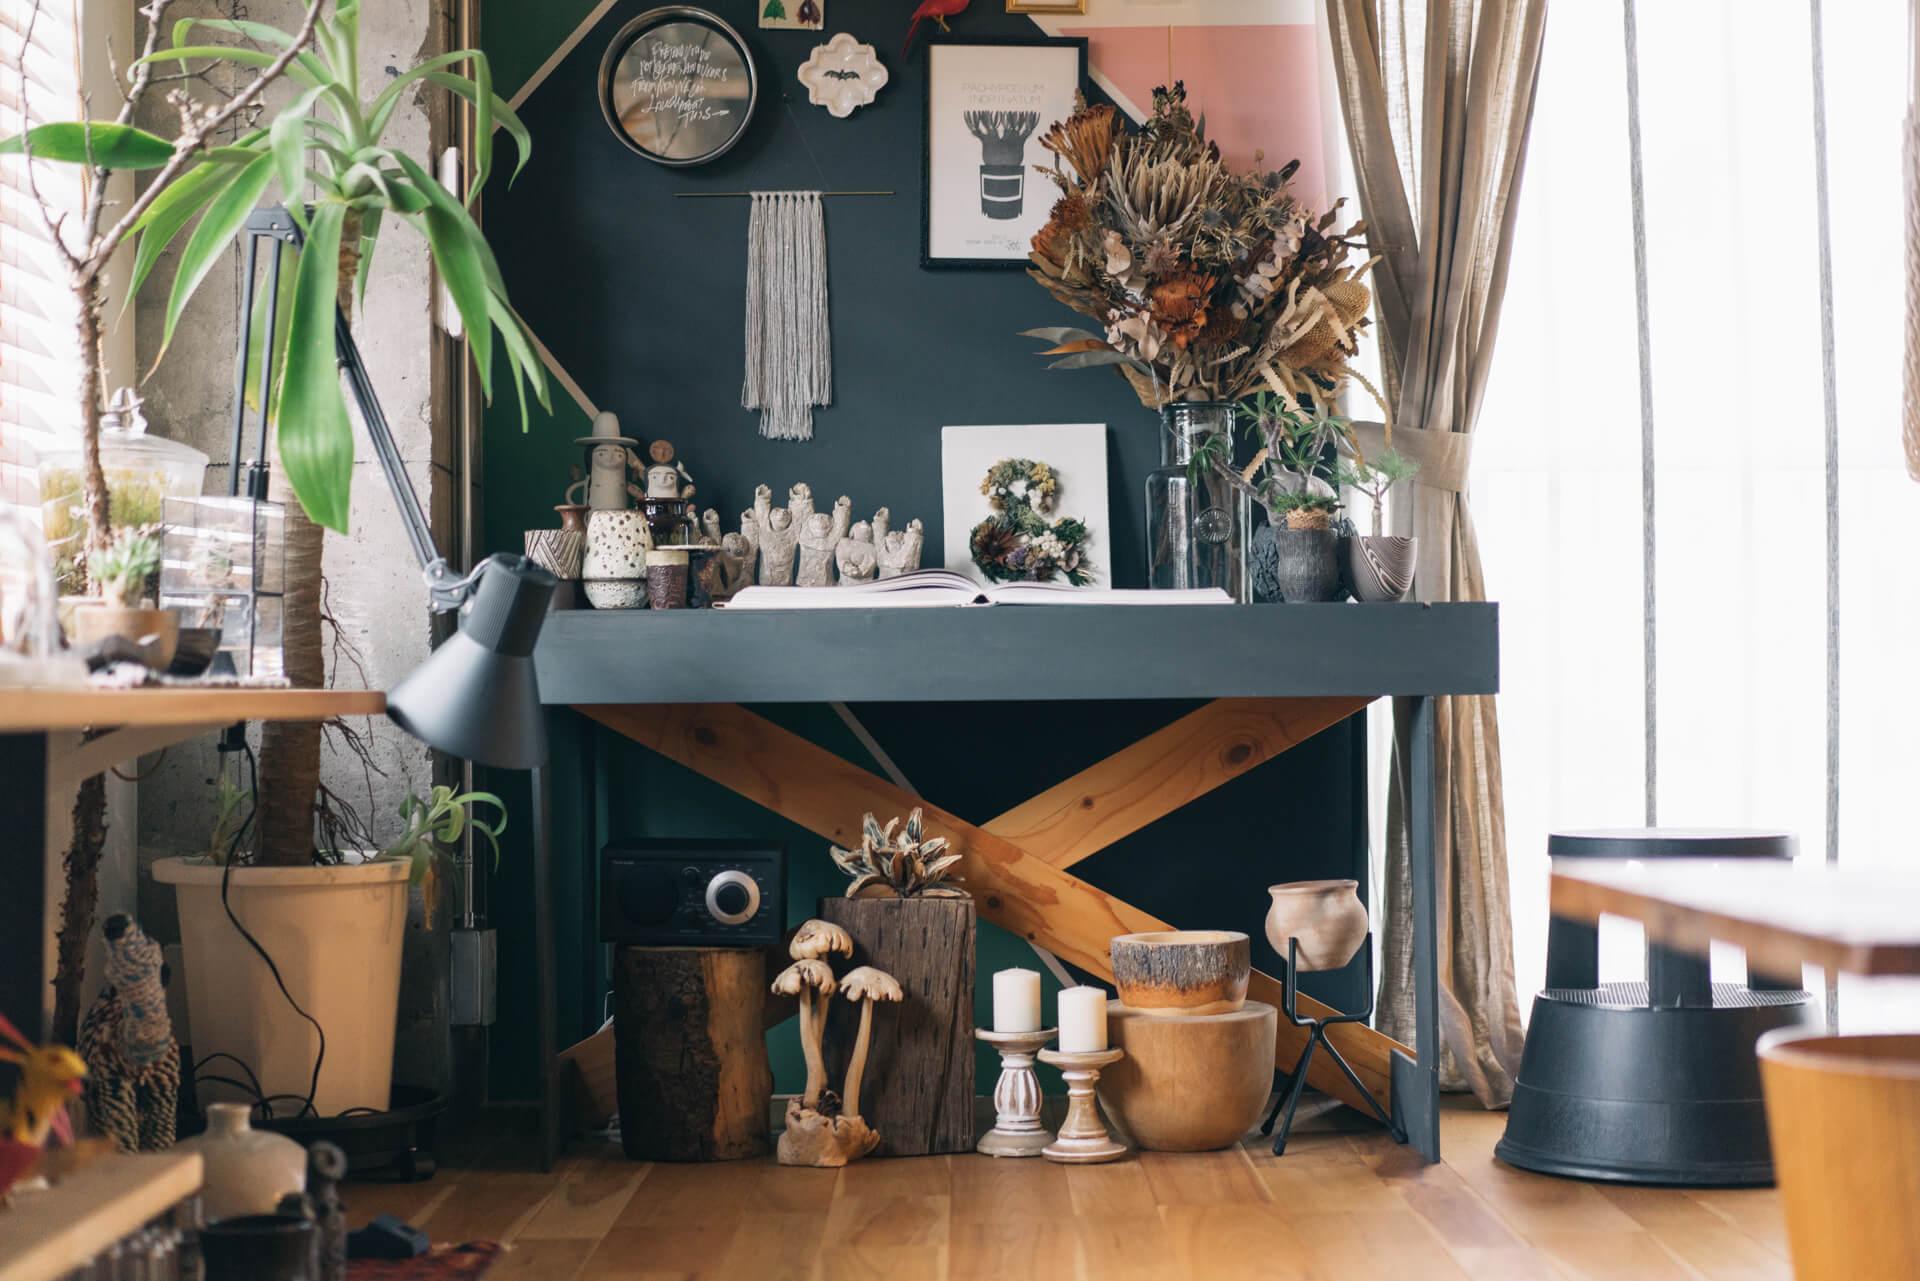 ご主人が作られたという飾り台には、上にも下にも素敵な品々が。